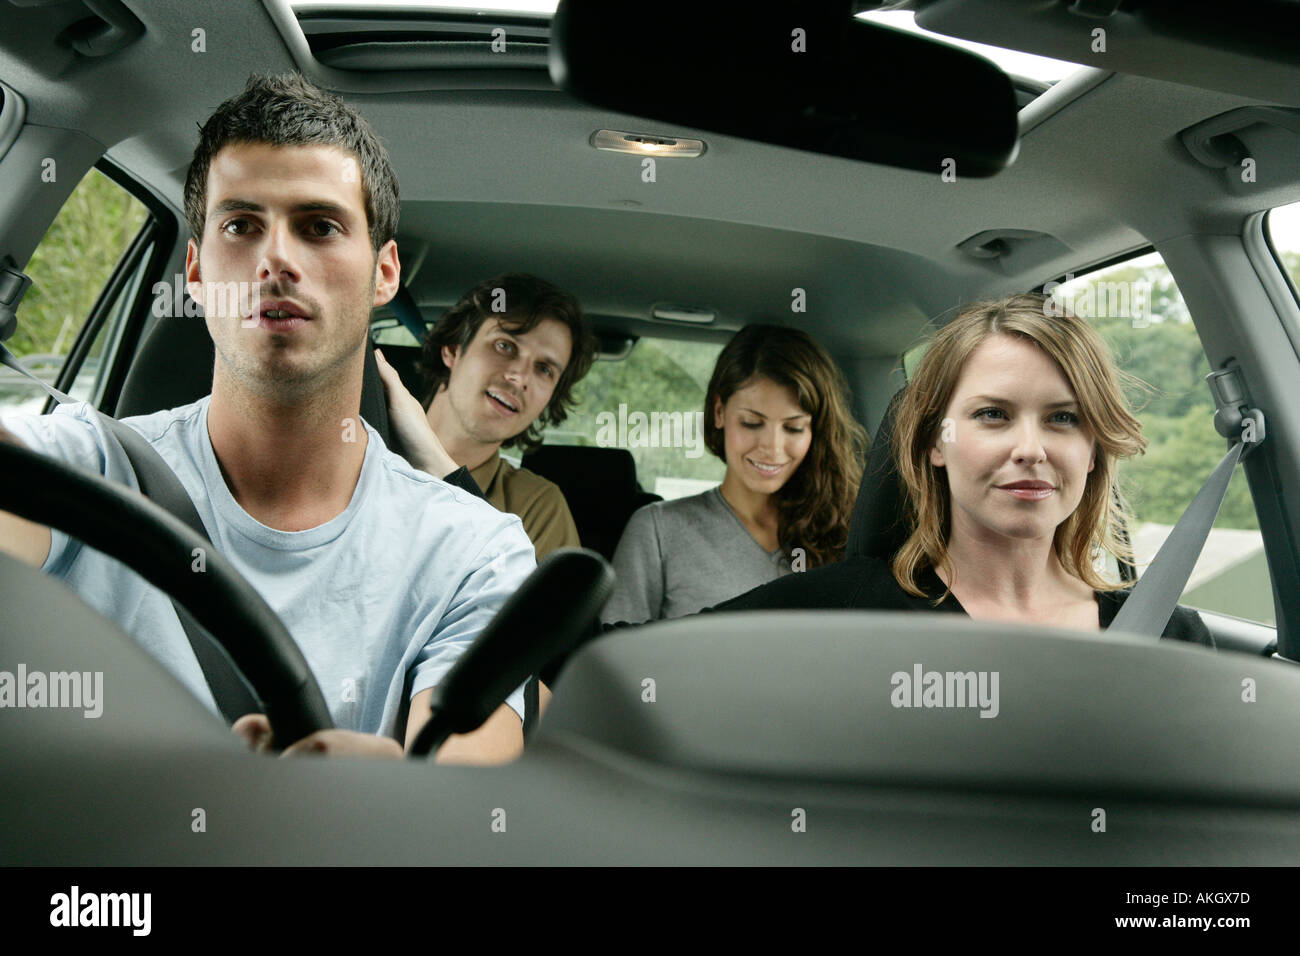 Drive Car Uninsured